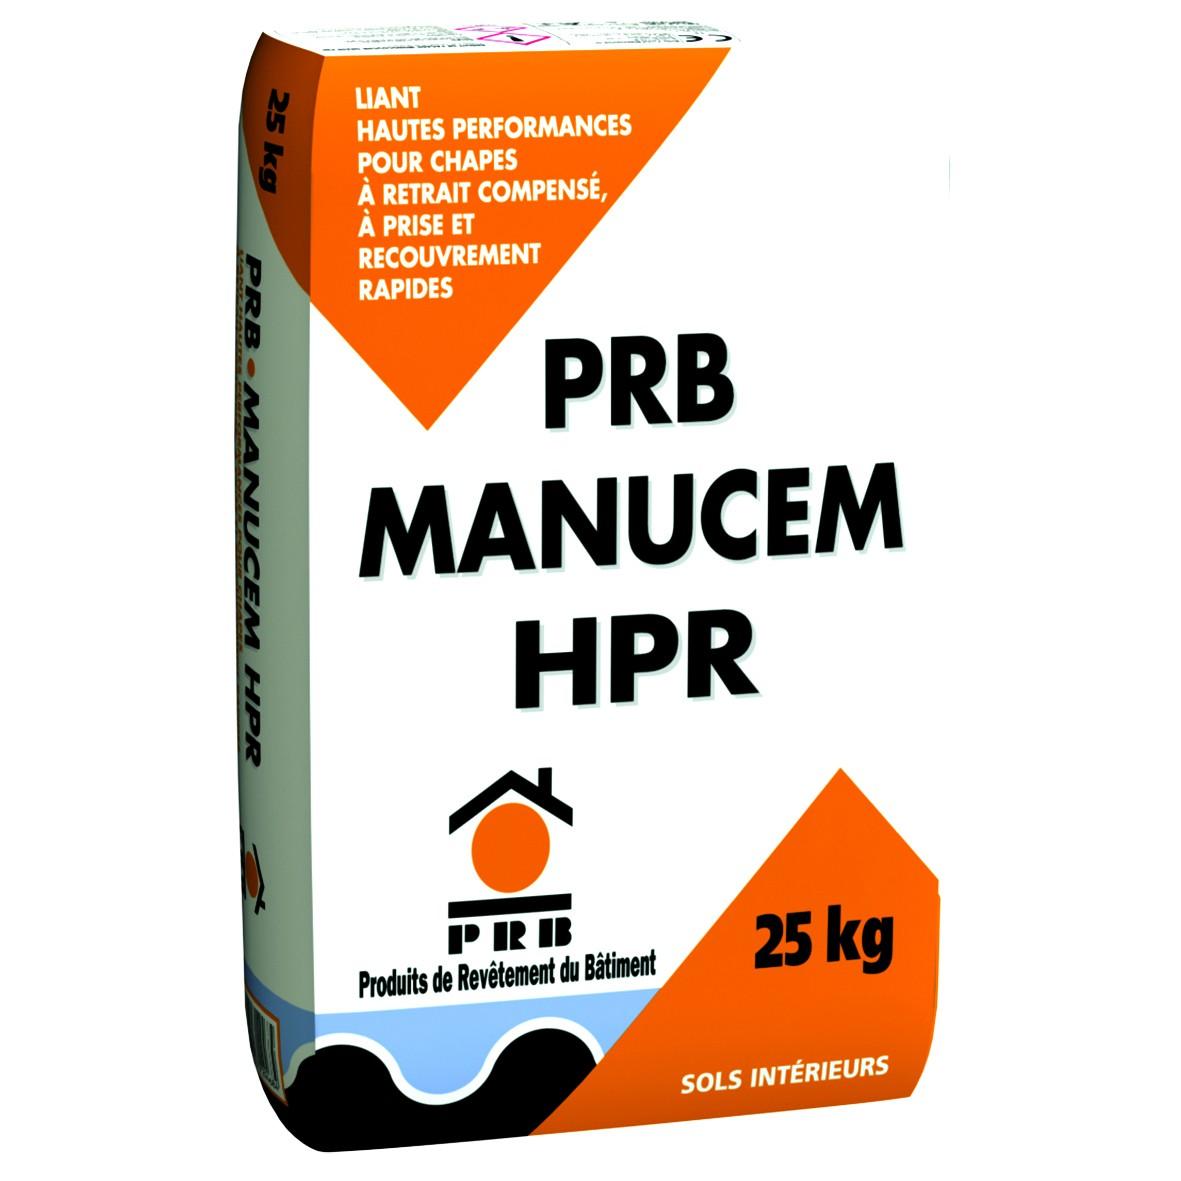 PRB MANUCEM HPR